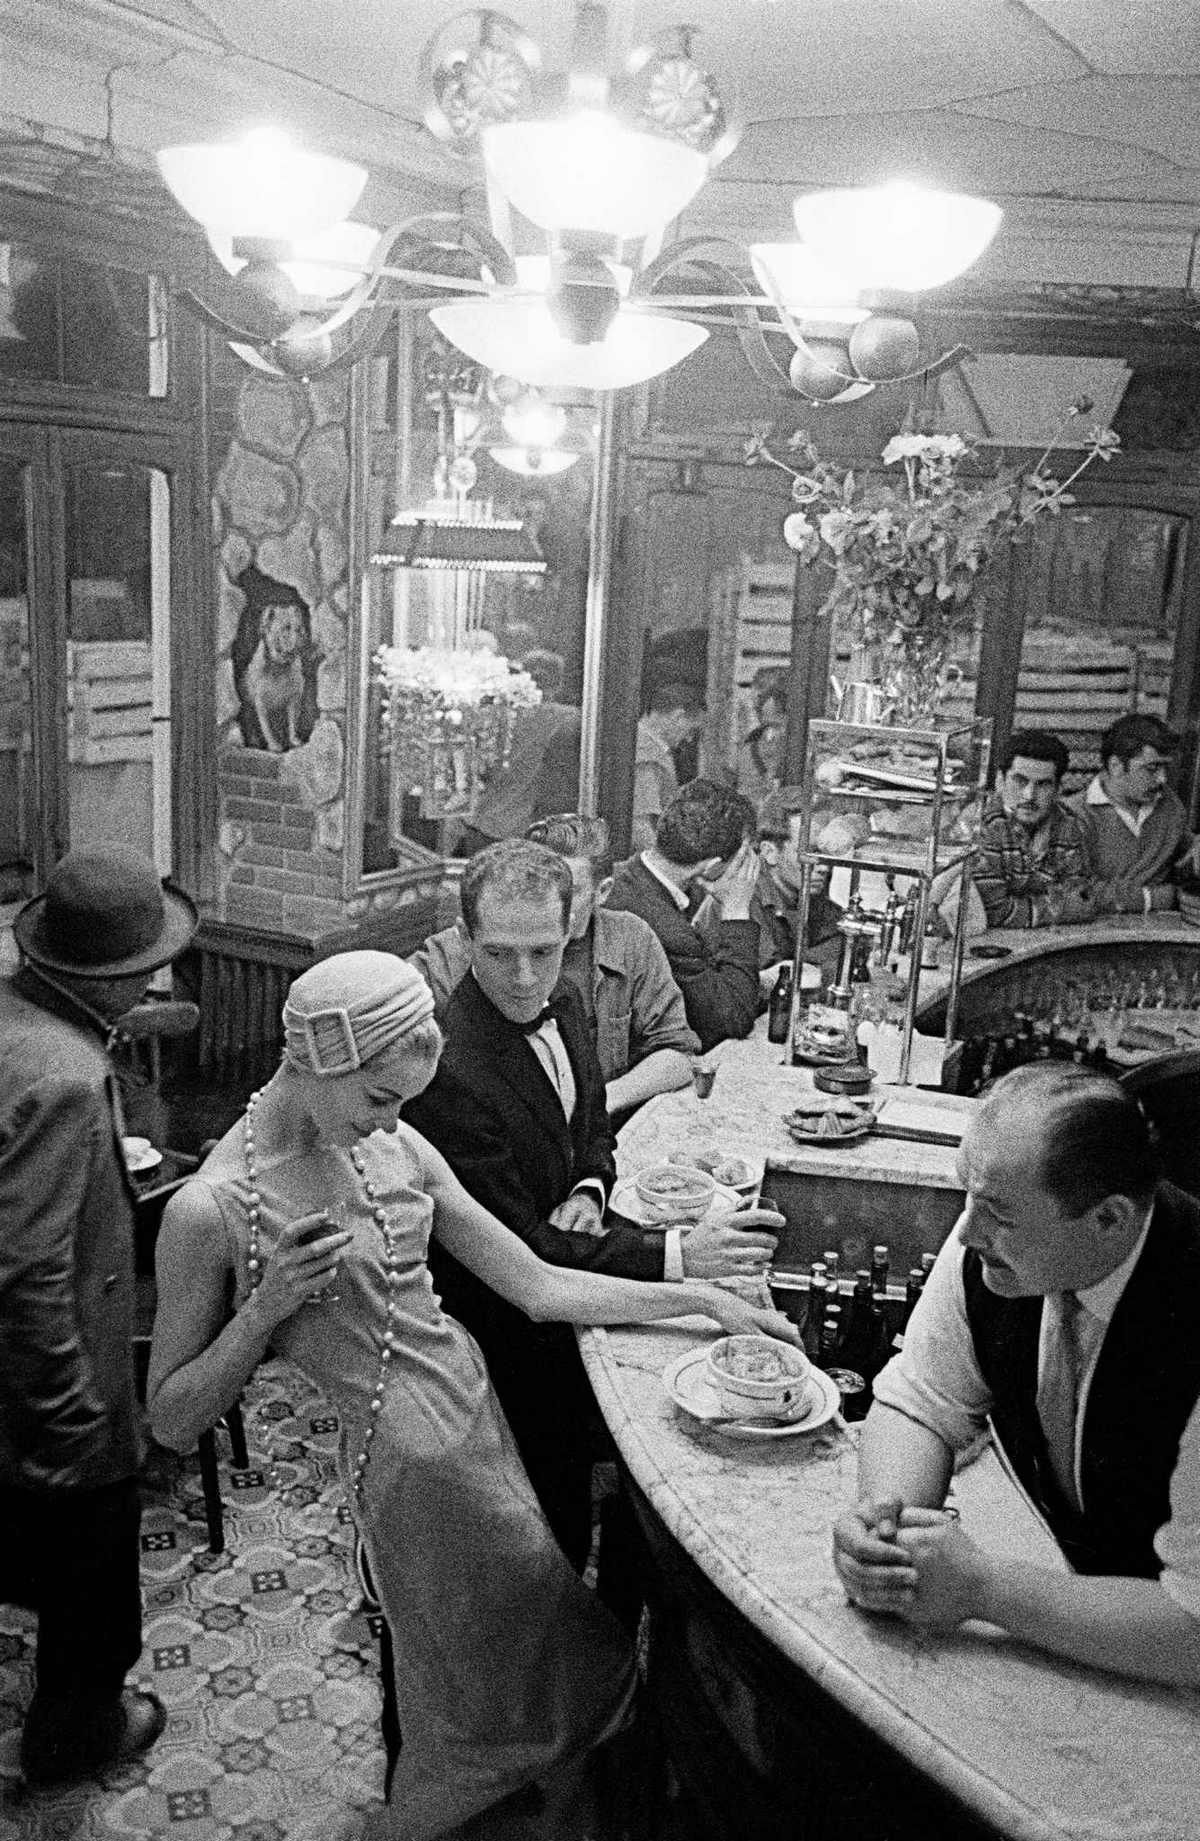 «Ночной Париж» 1956 года на снимках Франка Хорвата